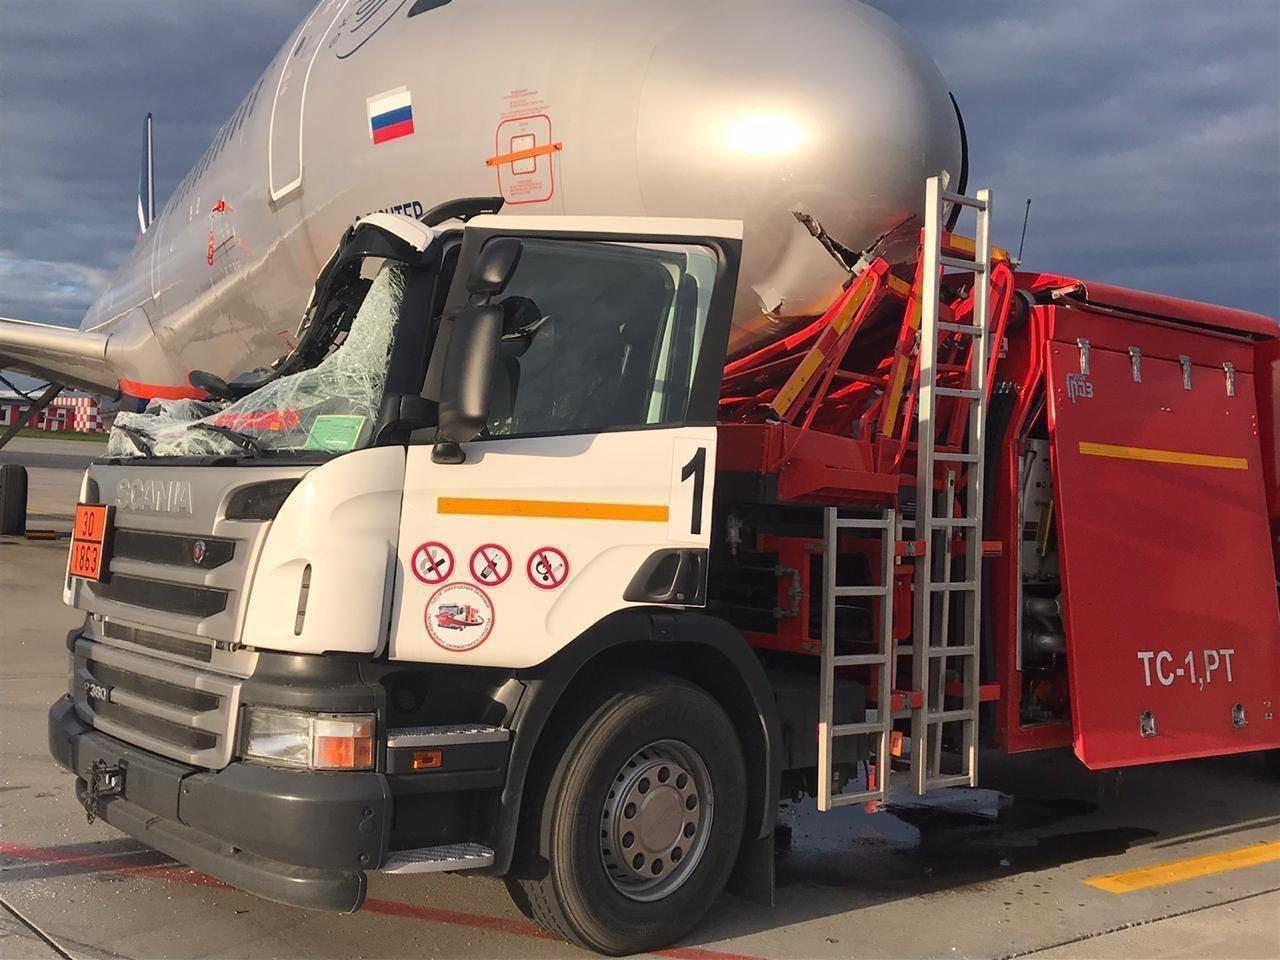 《【摩登2手机版登录】俄罗斯谢列梅捷沃机场一加油车与飞机相撞》